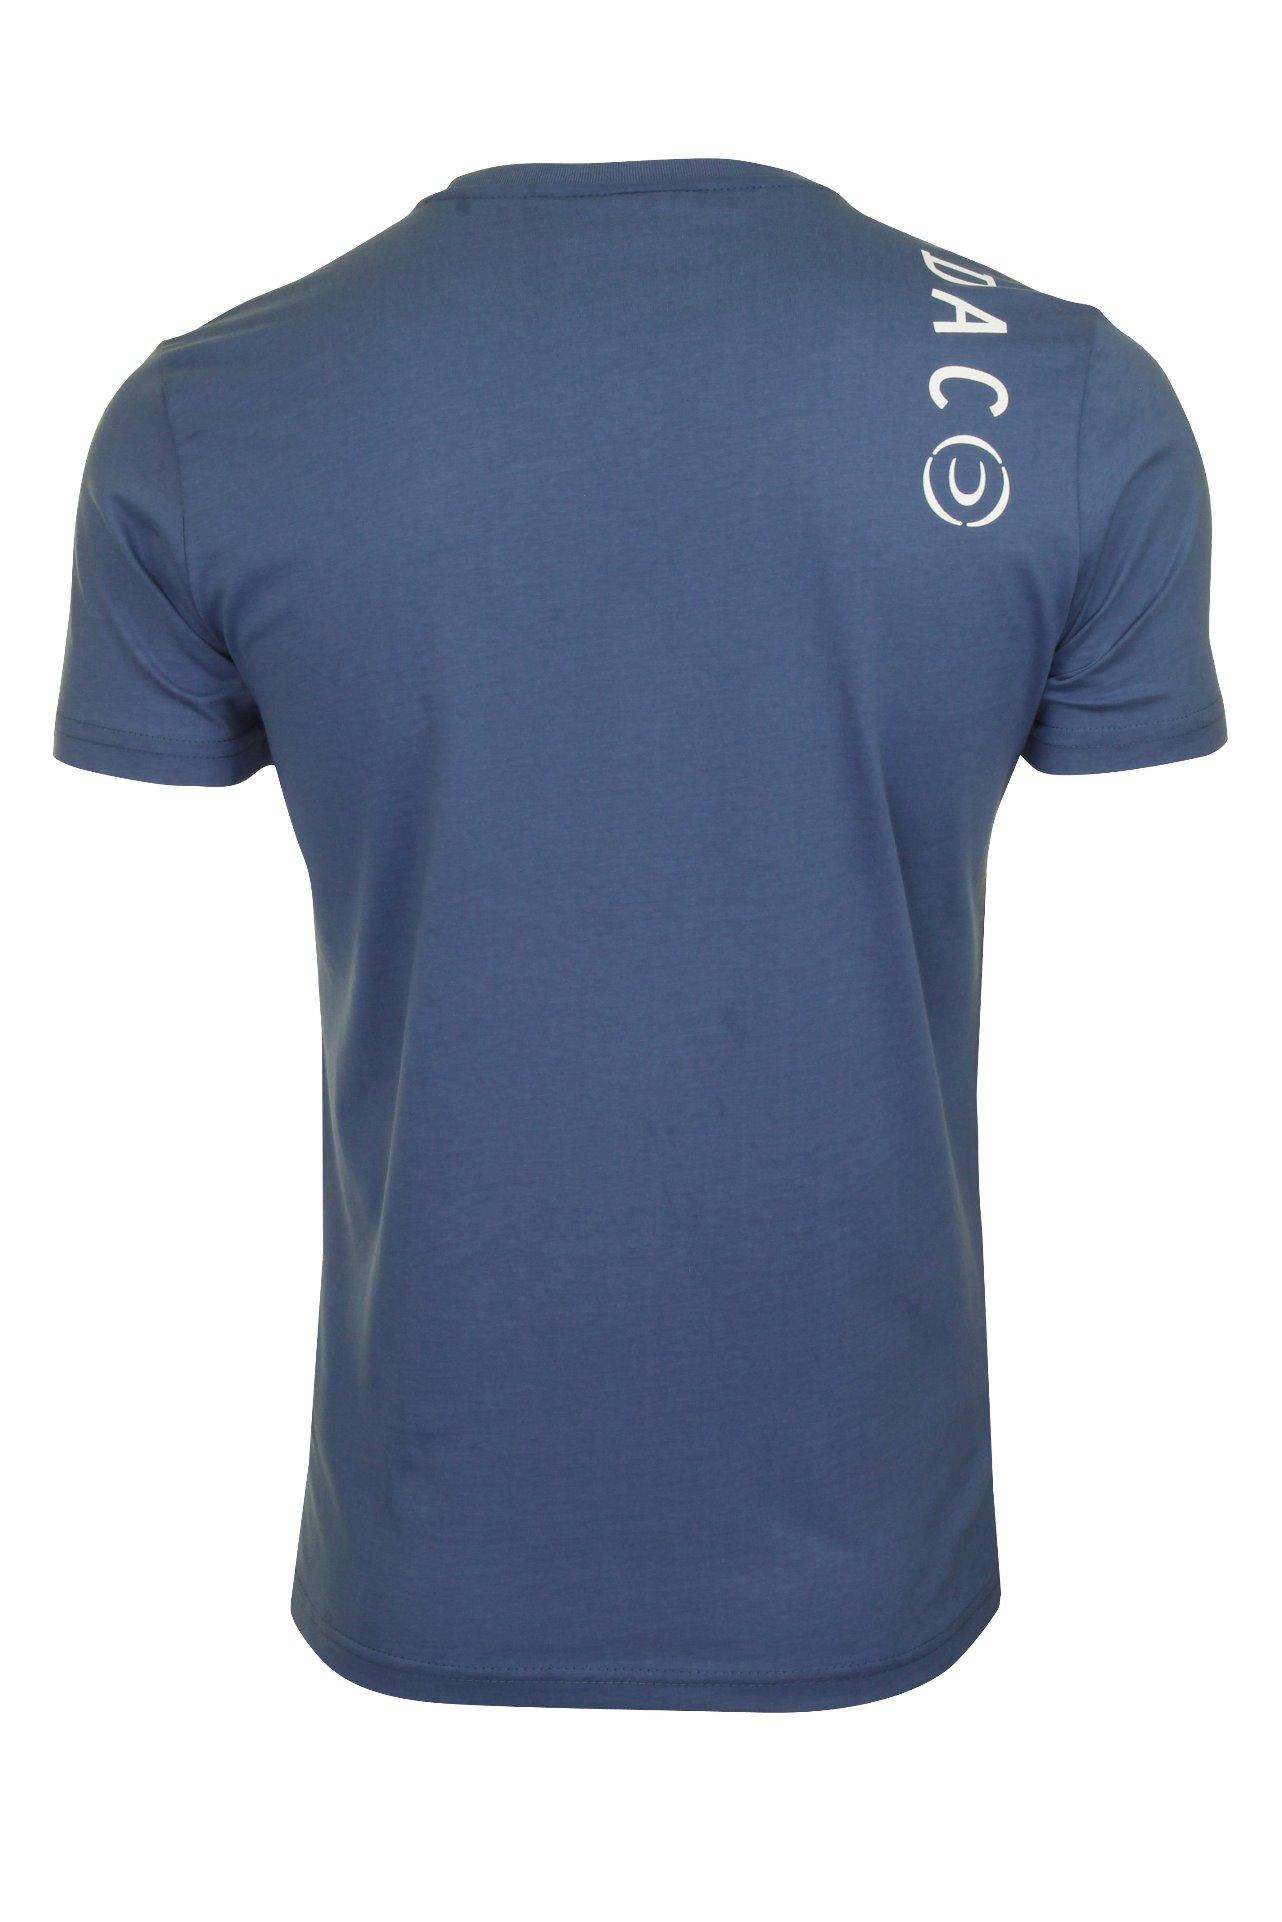 Duck-and-Cover-Hombre-Camiseta-039-Denzel-039 miniatura 5